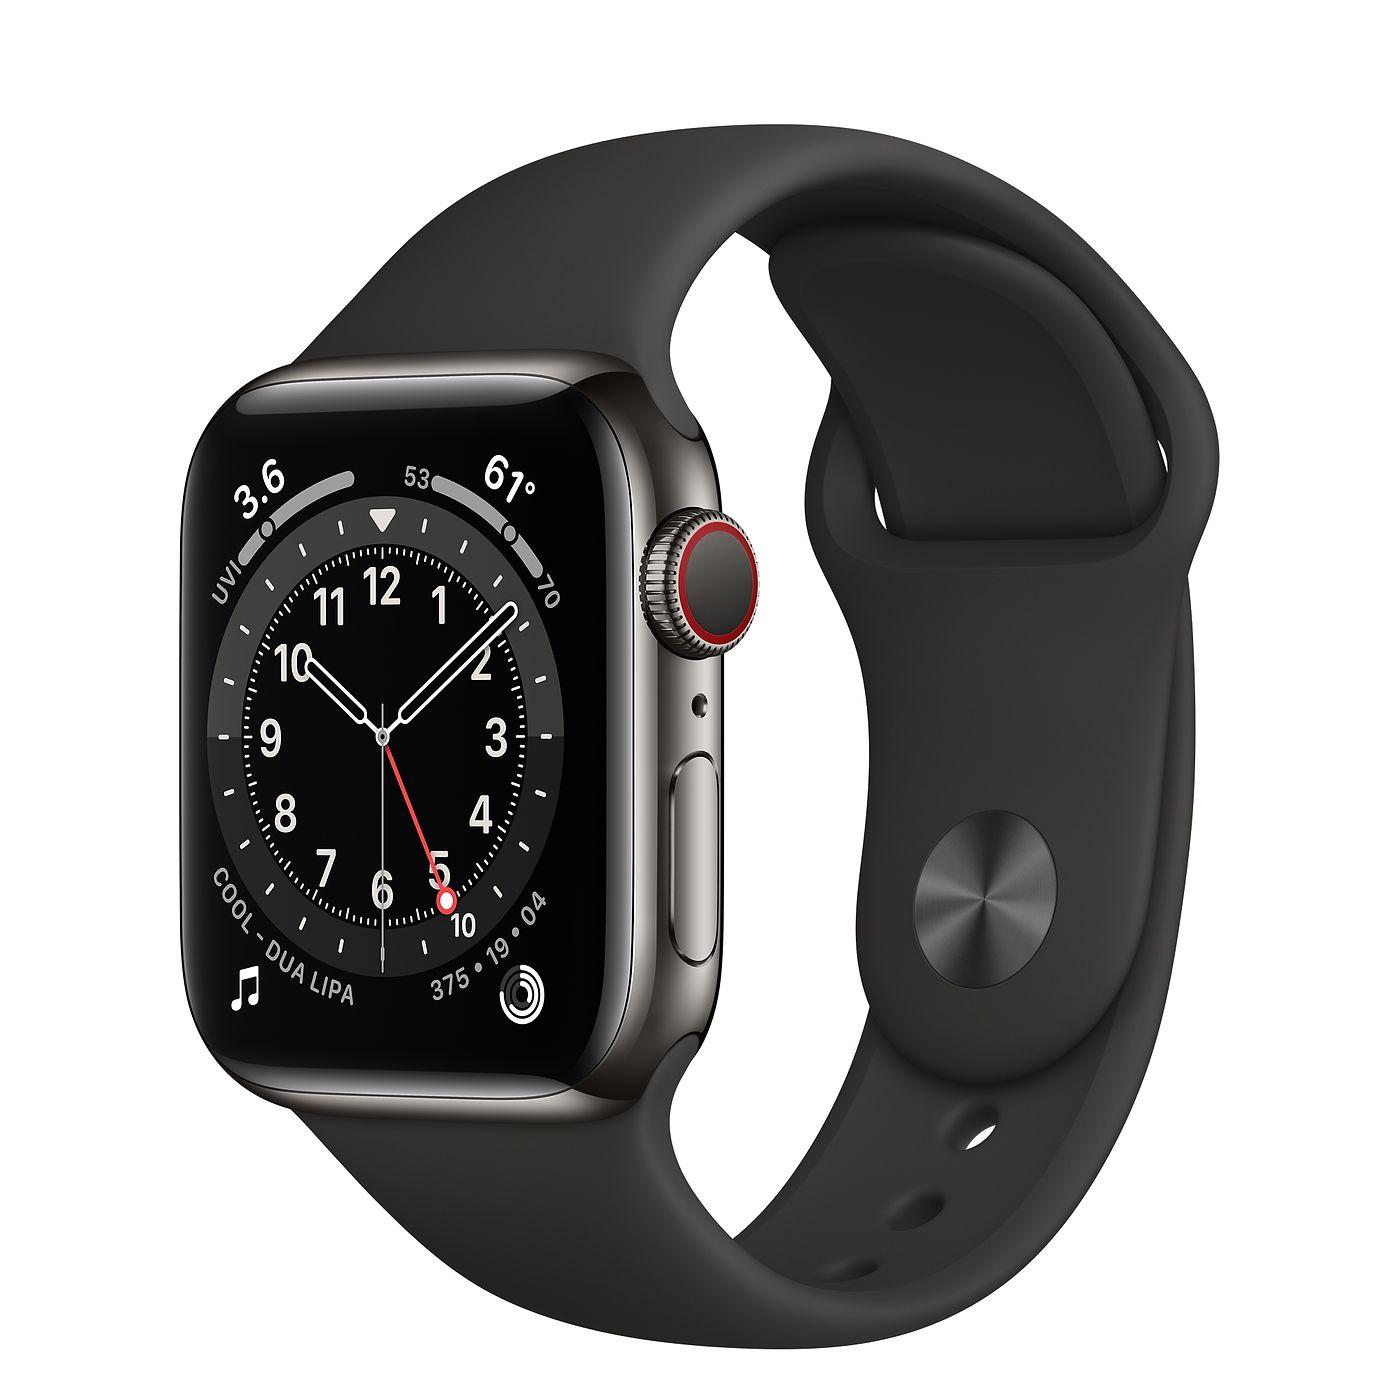 Apple 2020년 애플워치 6 GPS + 셀룰러 40mm 레귤러, 그래파이트 스테인리스 스틸(케이스), 블랙(스포츠 밴드)